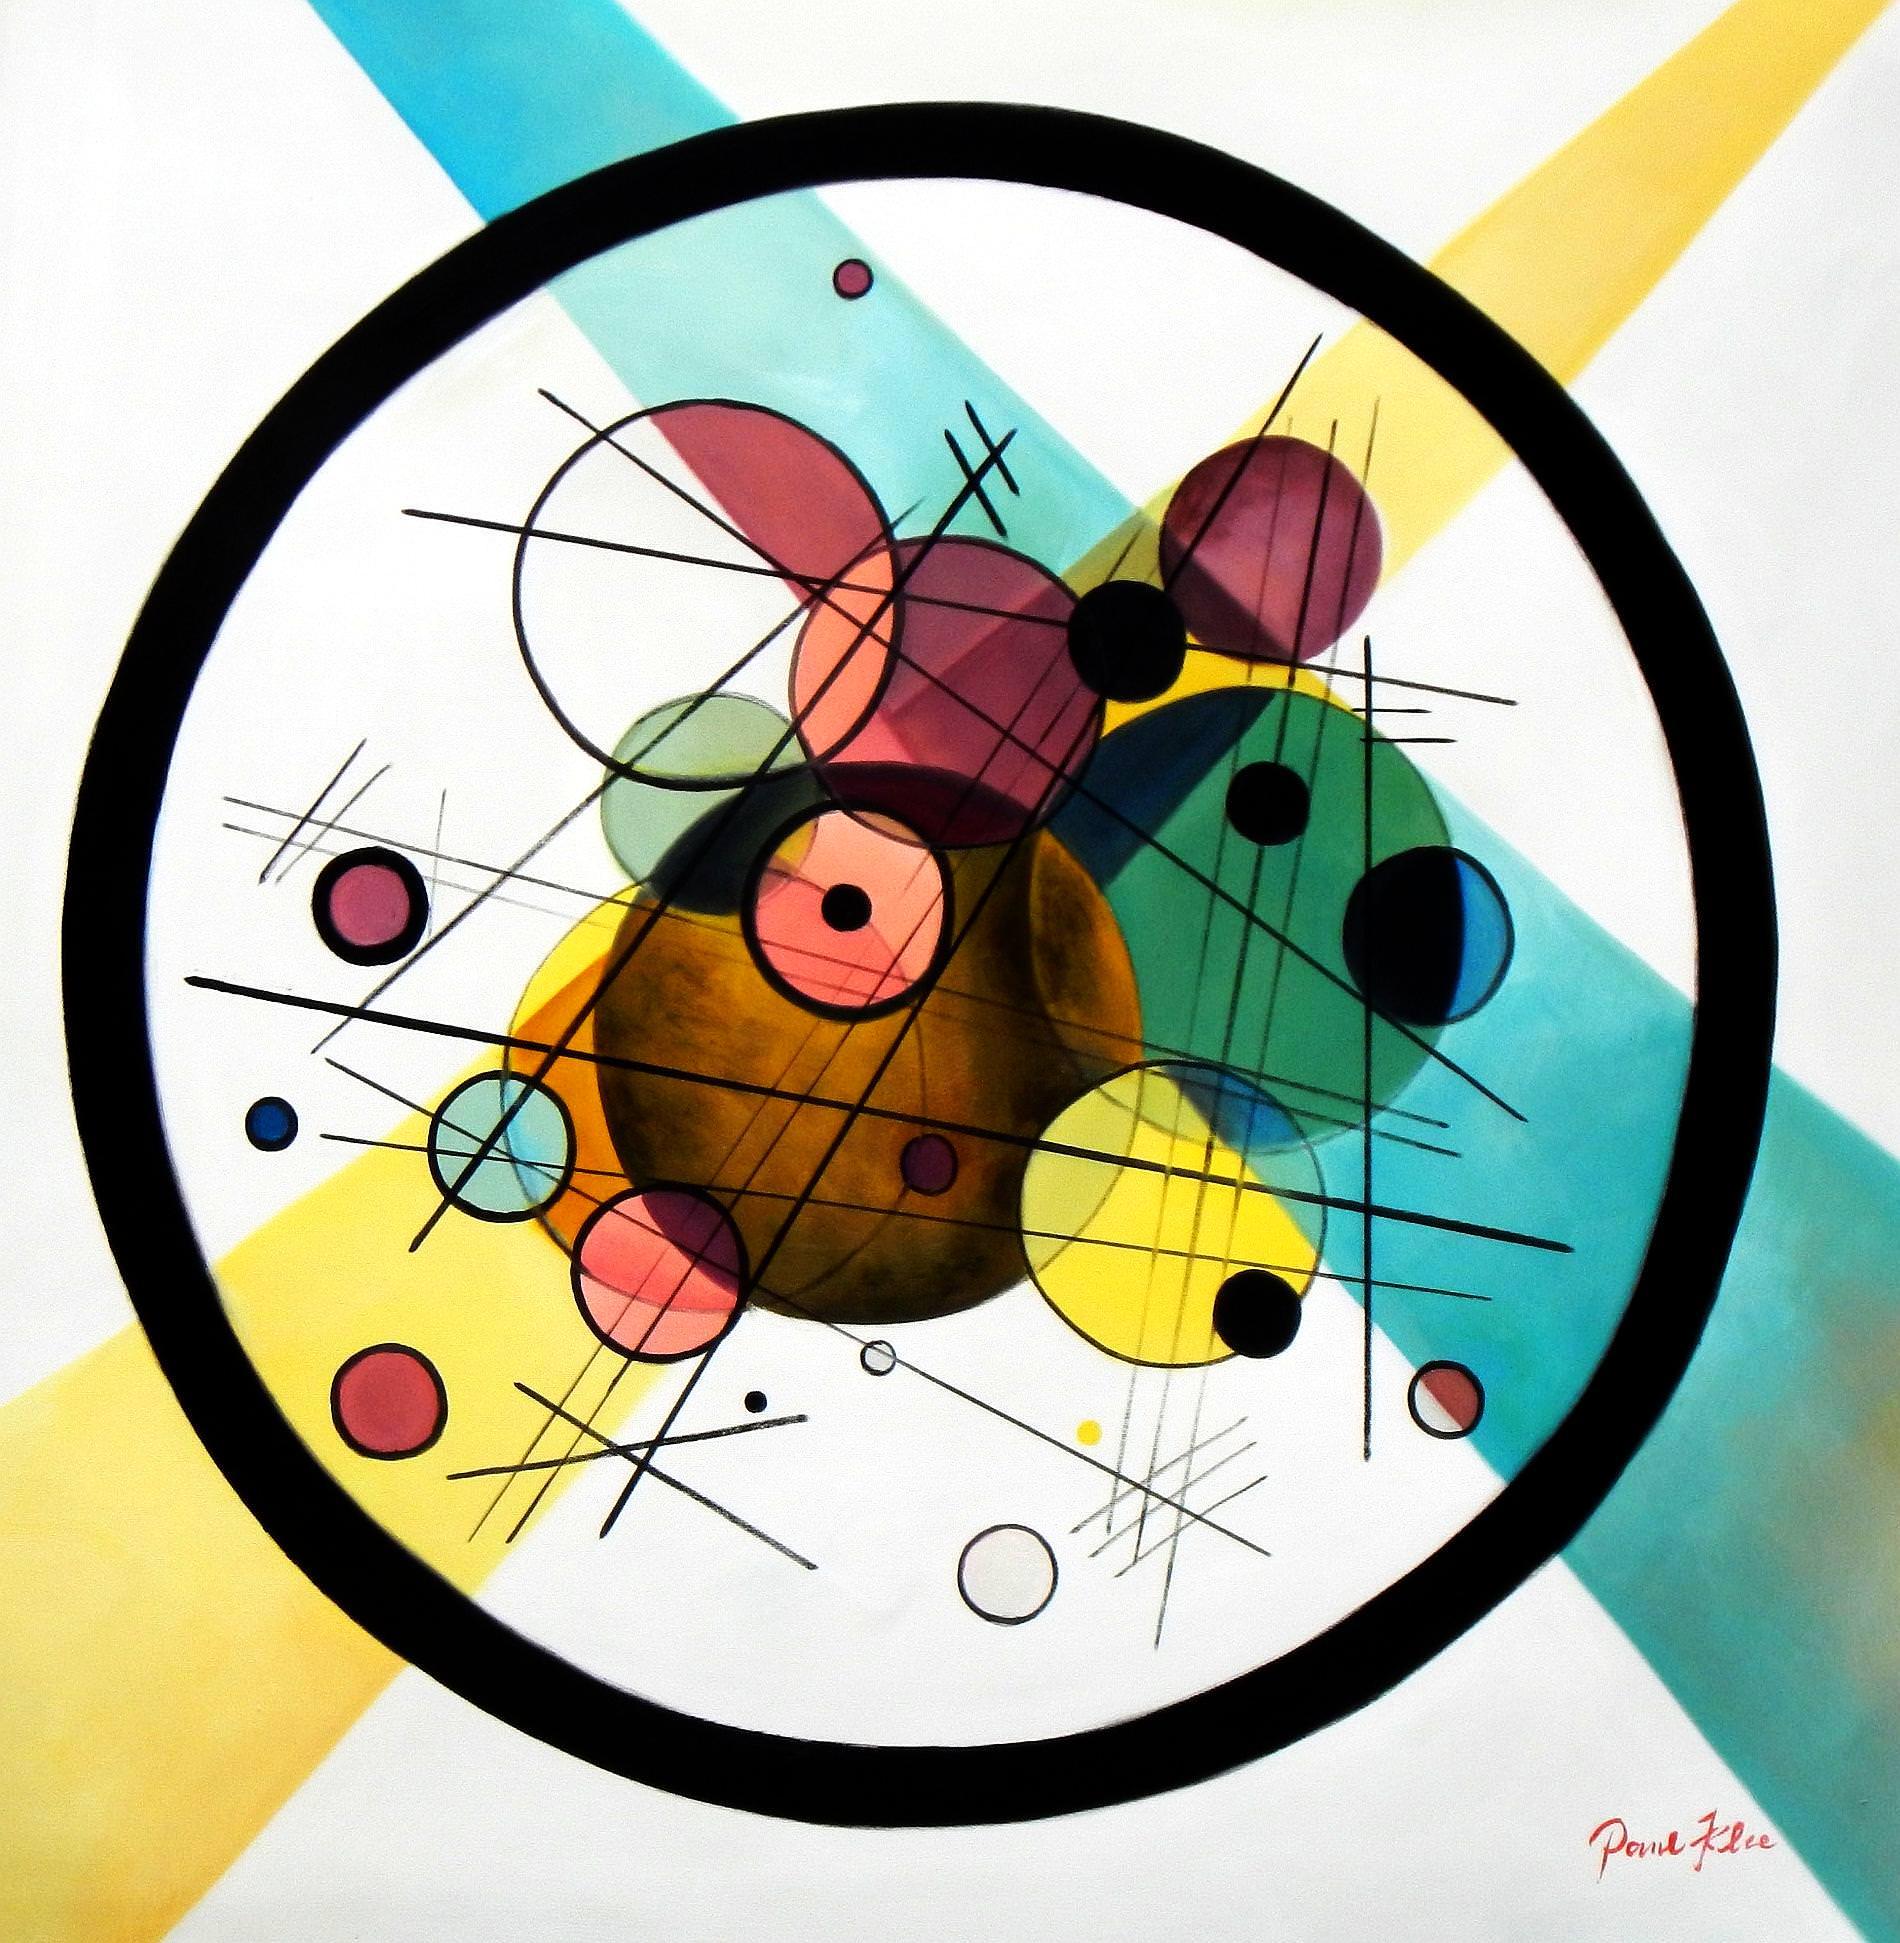 Homage to Kandinsky - Variation der Querlinie g93460 80x80cm Ölbild handgemalt